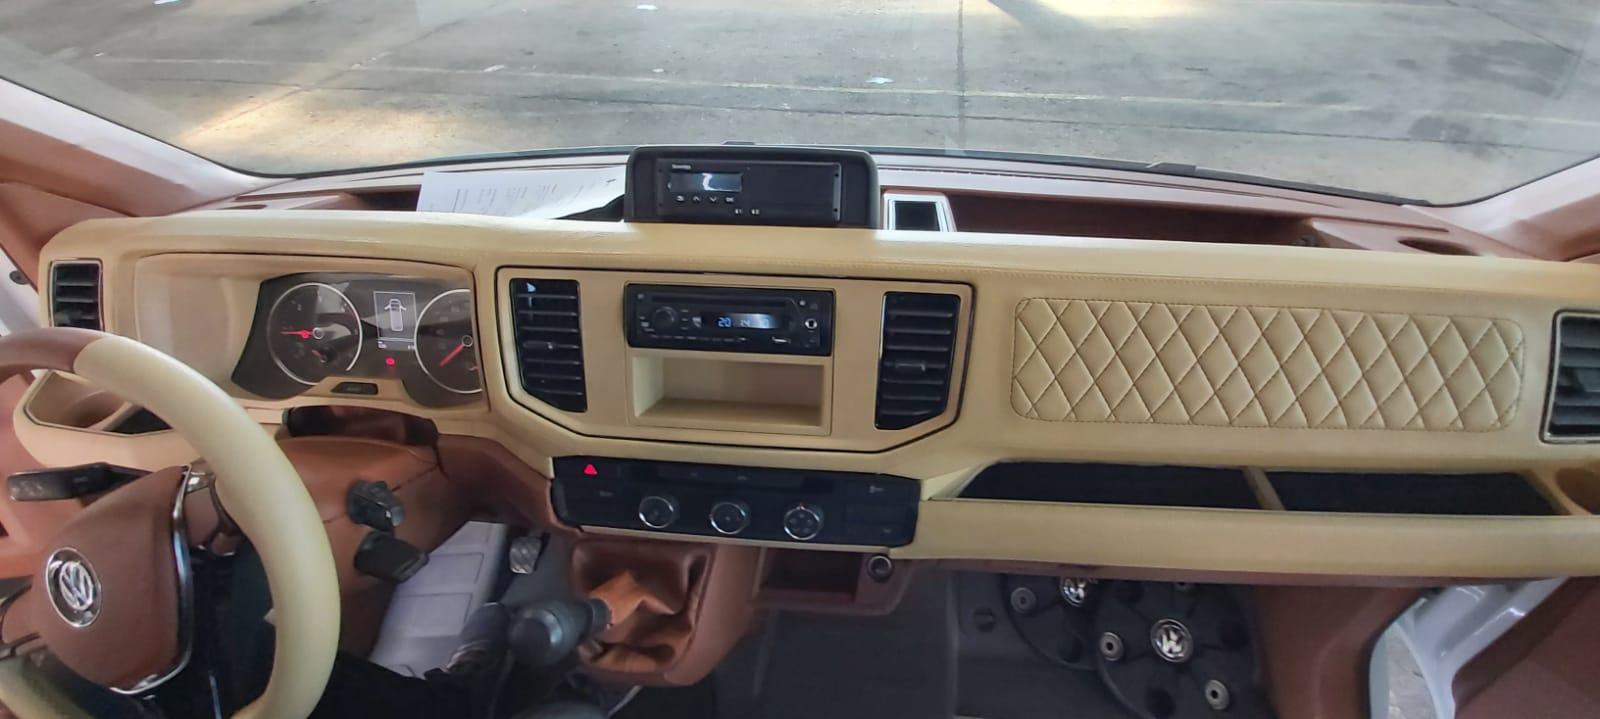 FOTO: Flota CJ Bihor, parcată la OTL. Bolojan a descoperit un microbuz de lux, marca VW 21.11.2020